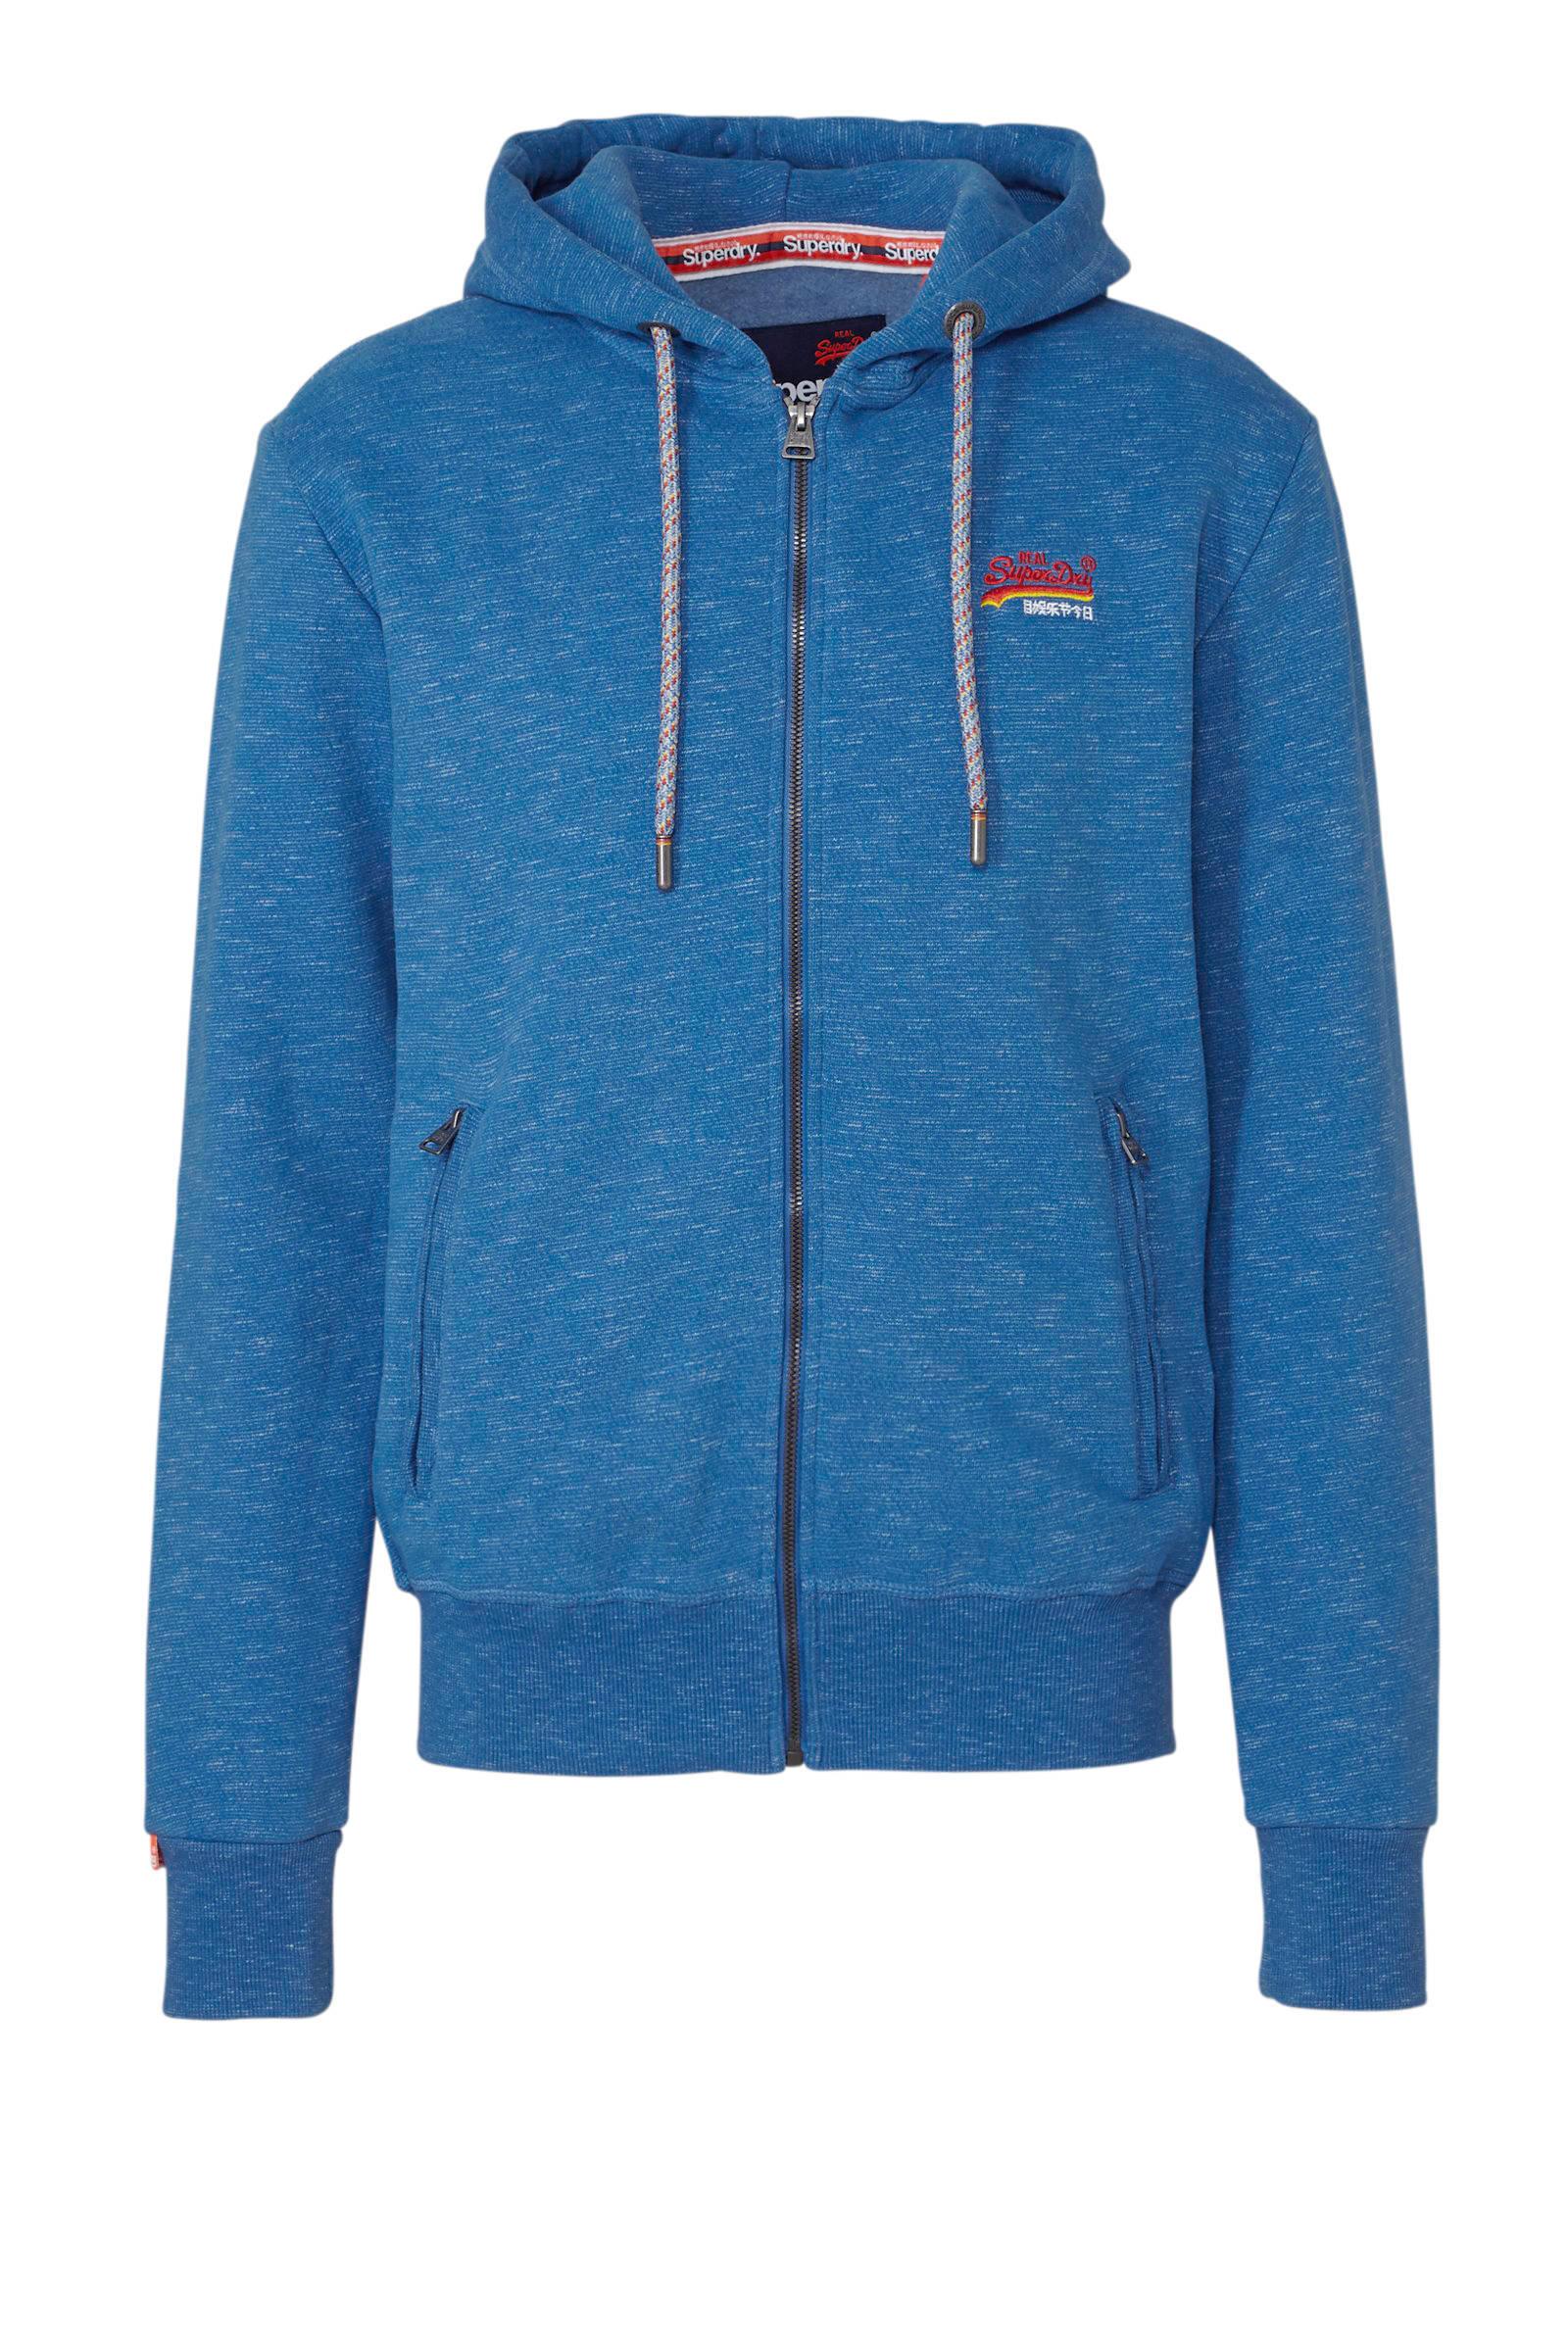 2c5bbdf8aaa superdry-hoodie-met-capuchon-blauw-5057842142820.jpg